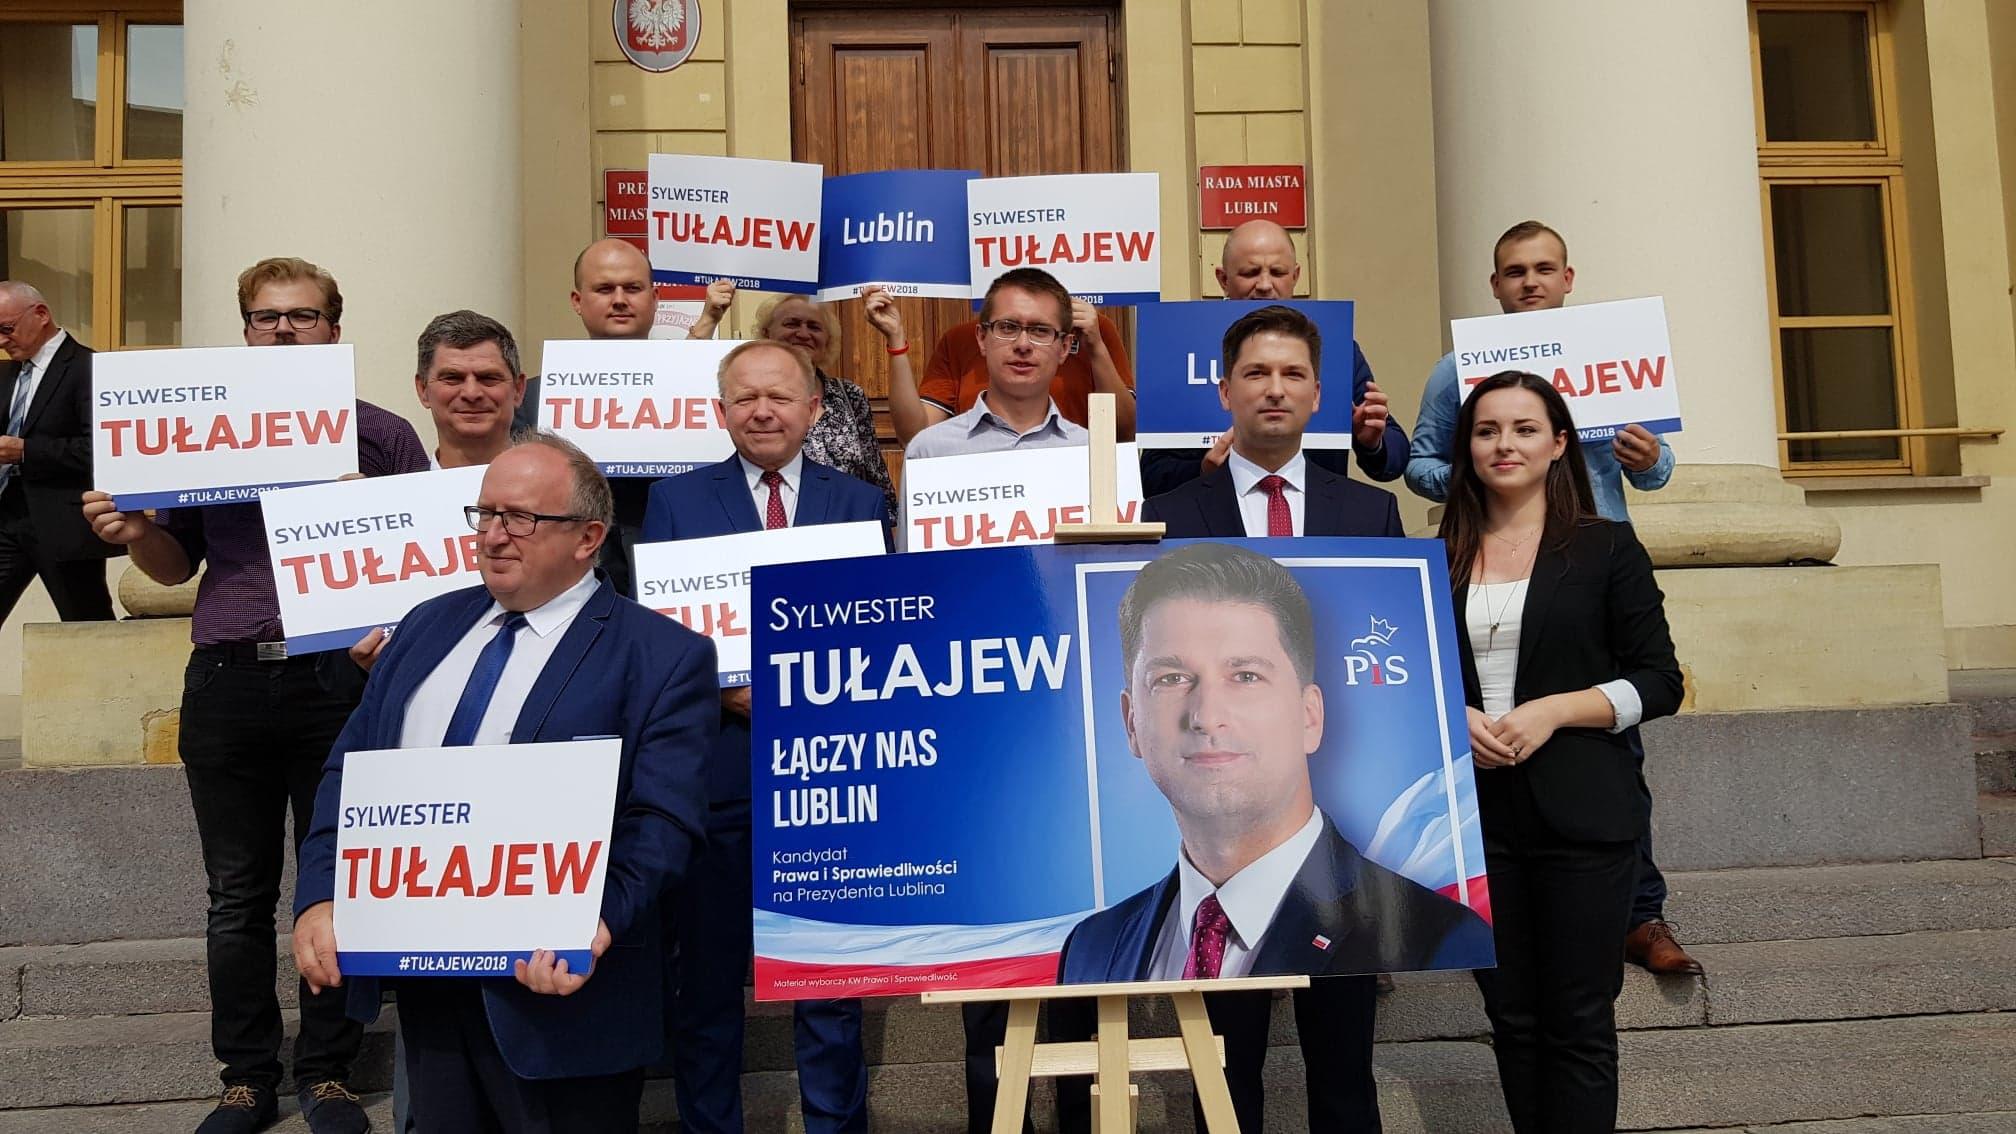 Łączy nas Lublin – Sylwester Tułajew ogłosił swoje hasło wyborcze